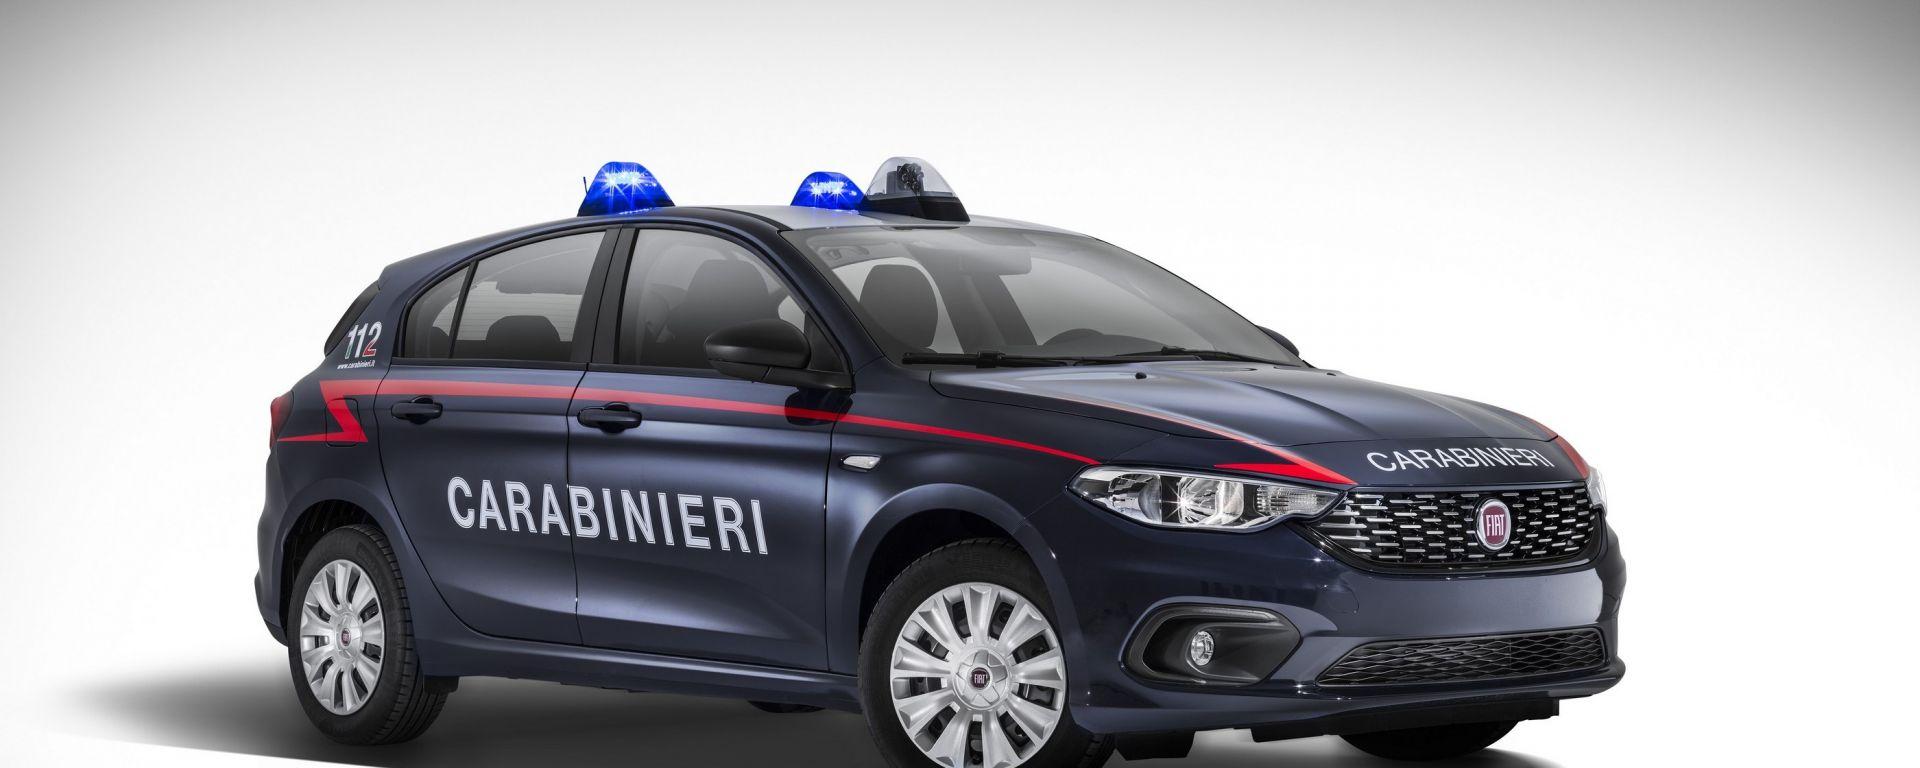 Fiat Tipo:  500 unità in dotazione all'Arma dei Carabinieri